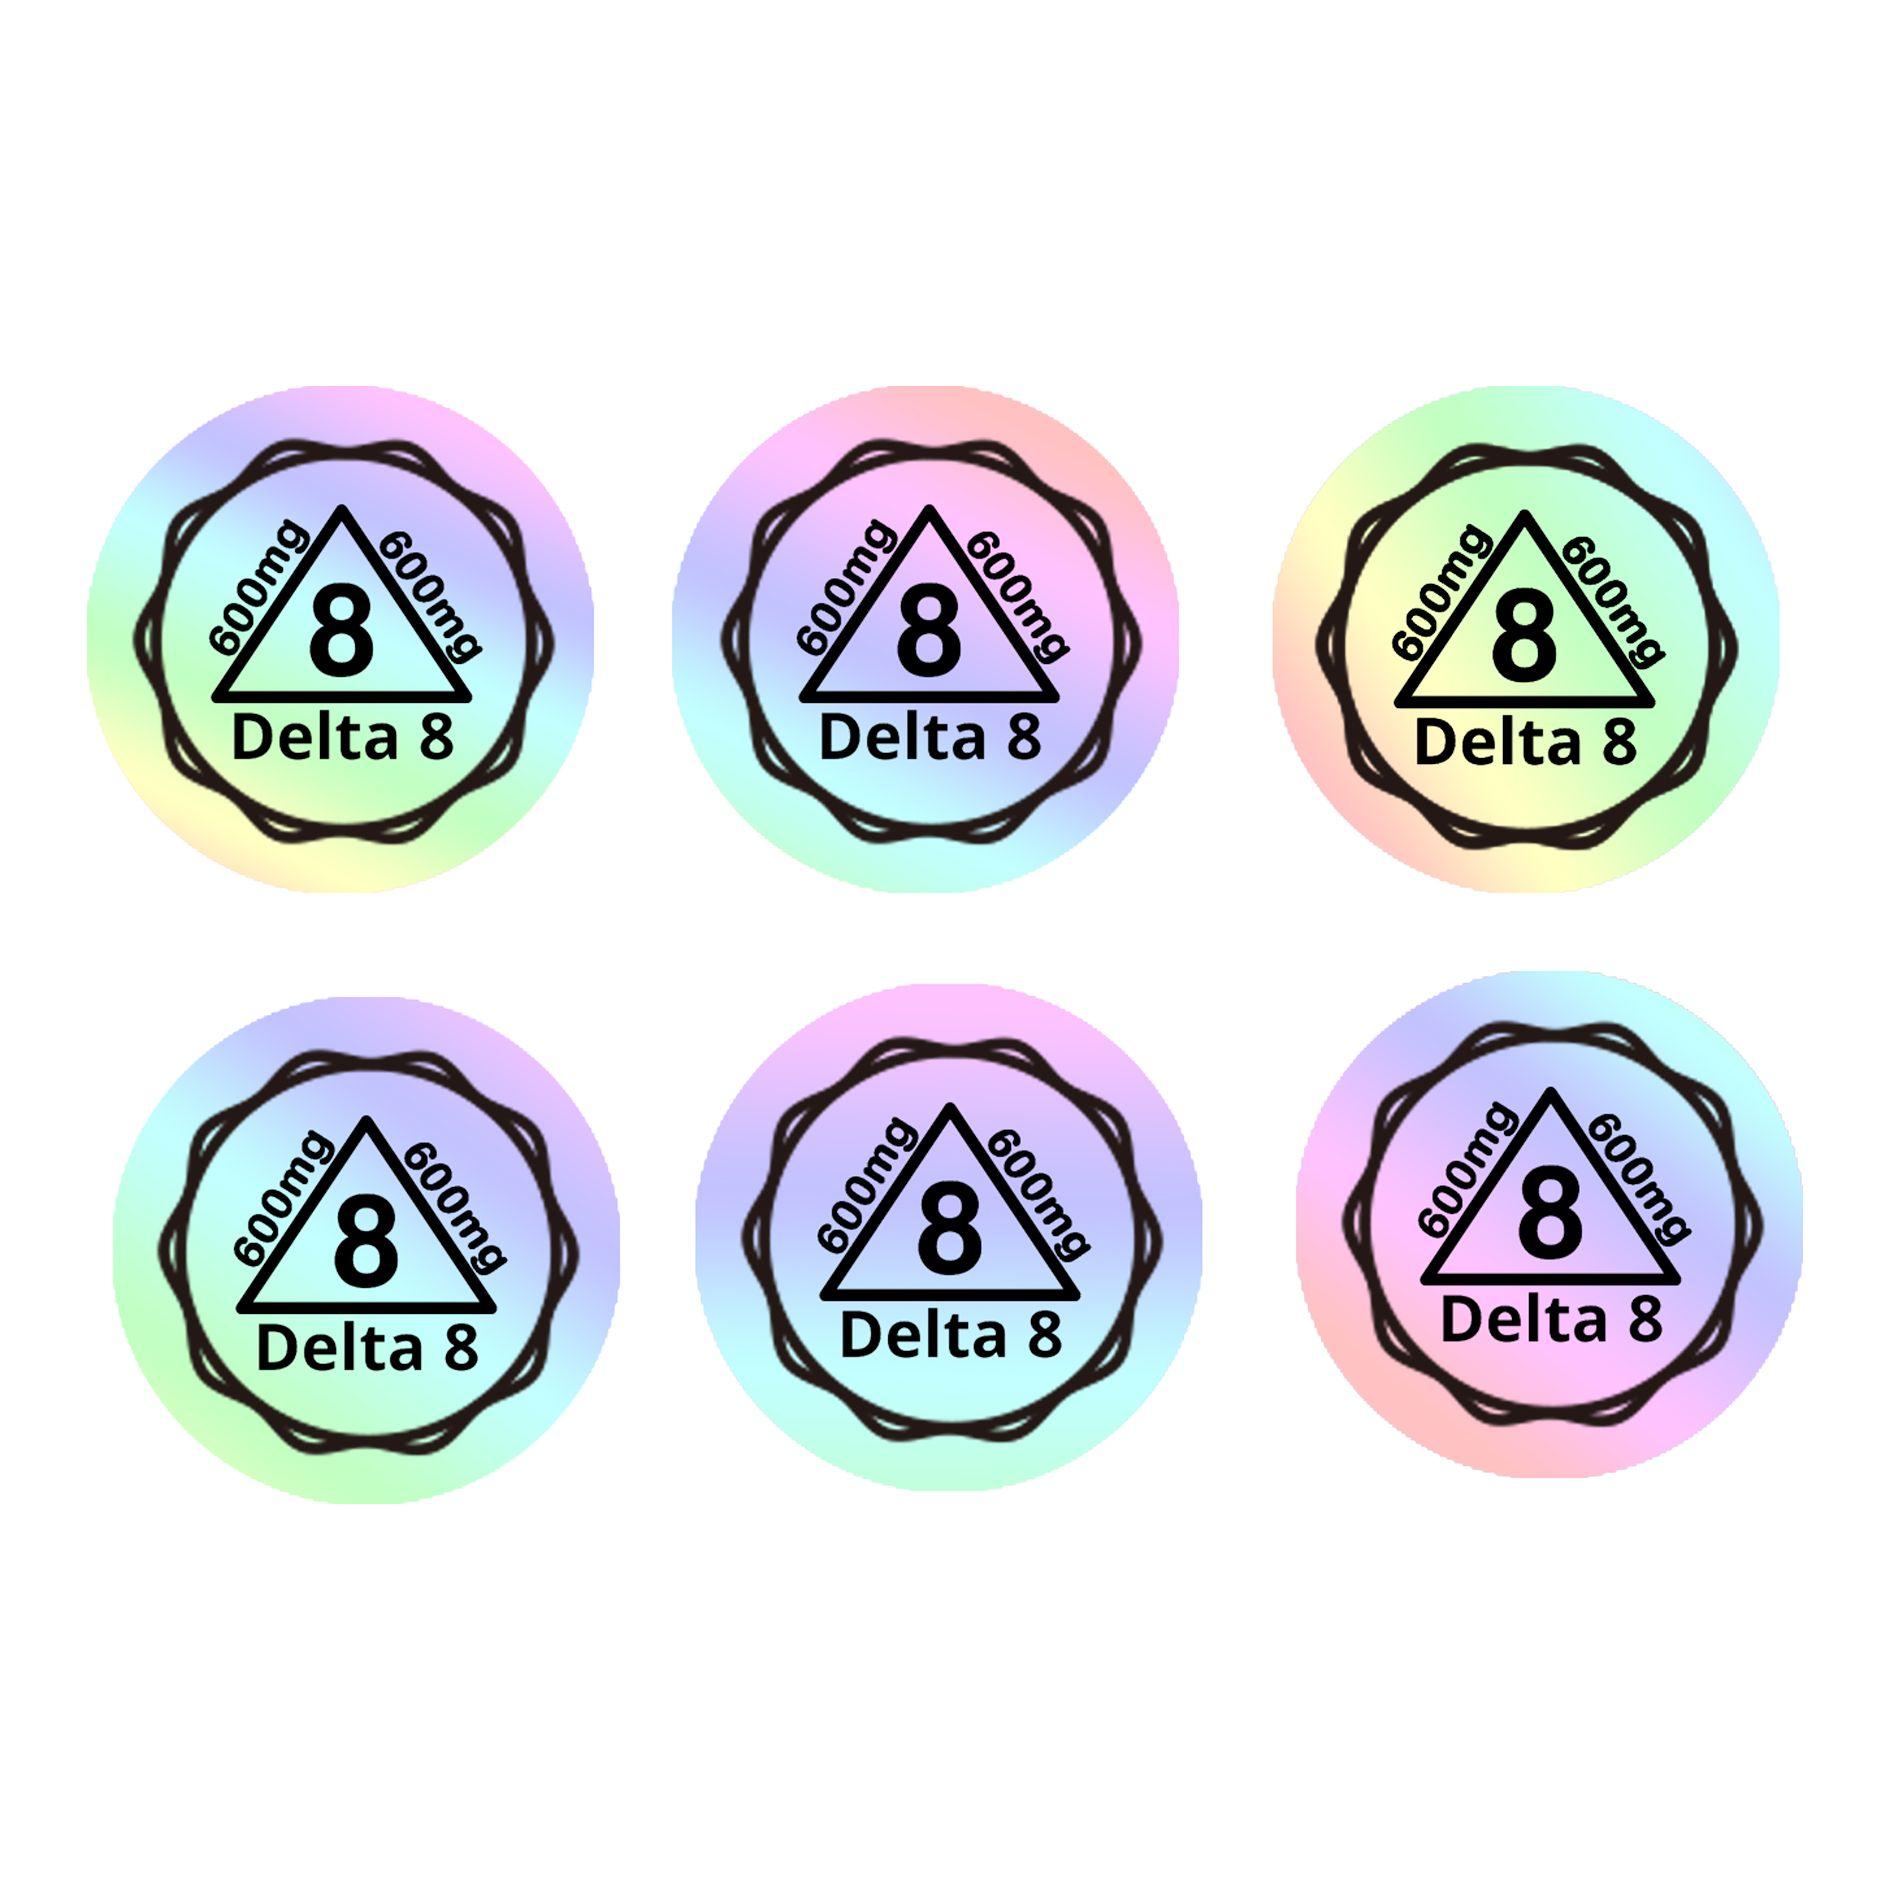 Lagerverkauf holographisch-fragiler Delta 8 Aufkleber Etiketten einfach beschädigtes Hologramm-Universum freie Designsicherheits-Etiketten